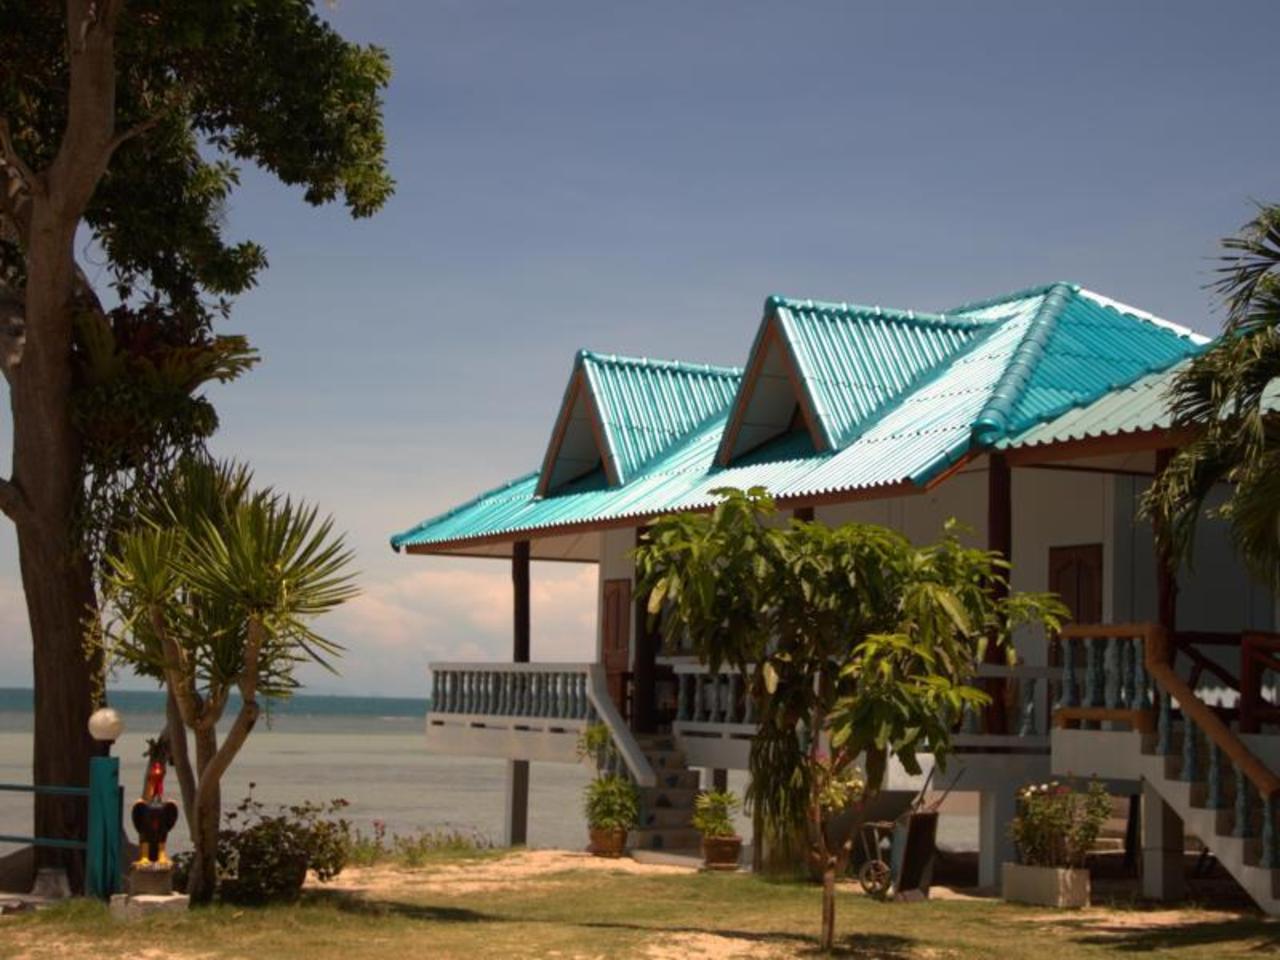 ซันซี รีสอร์ท (Sunsea Resort)